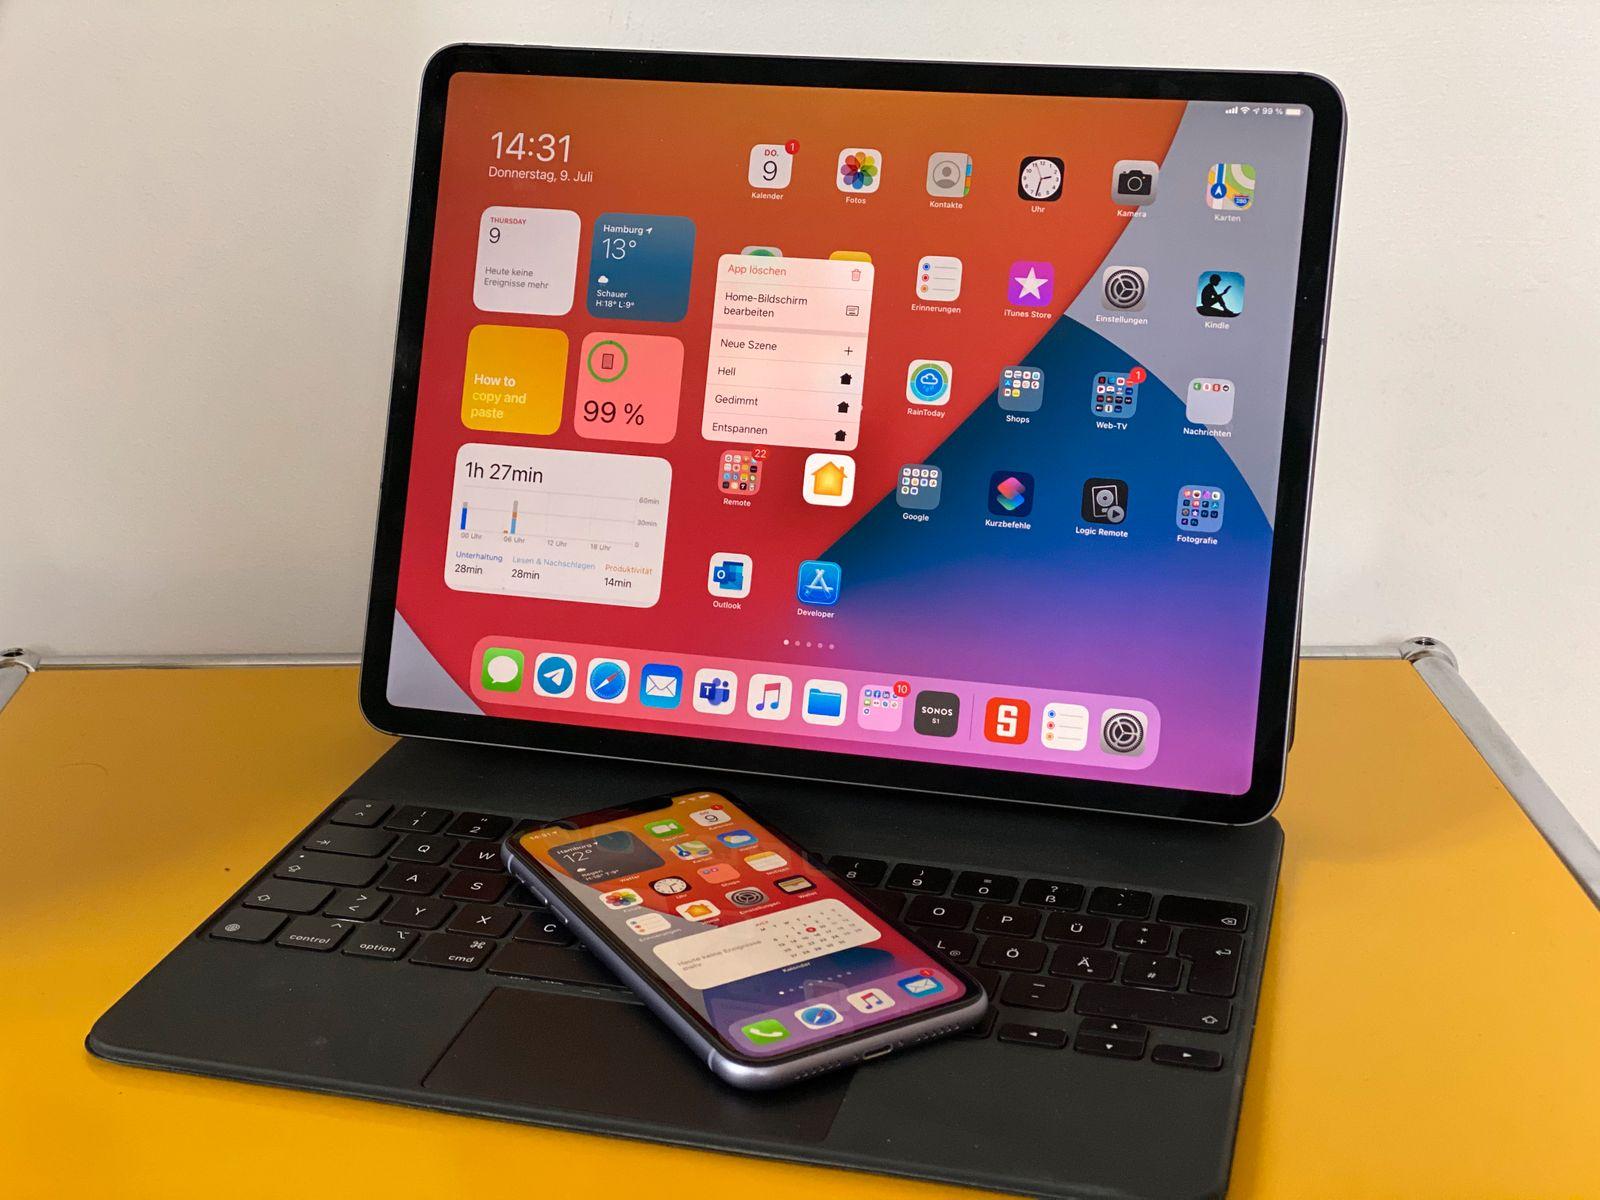 iOS 14 / iPad OS 14